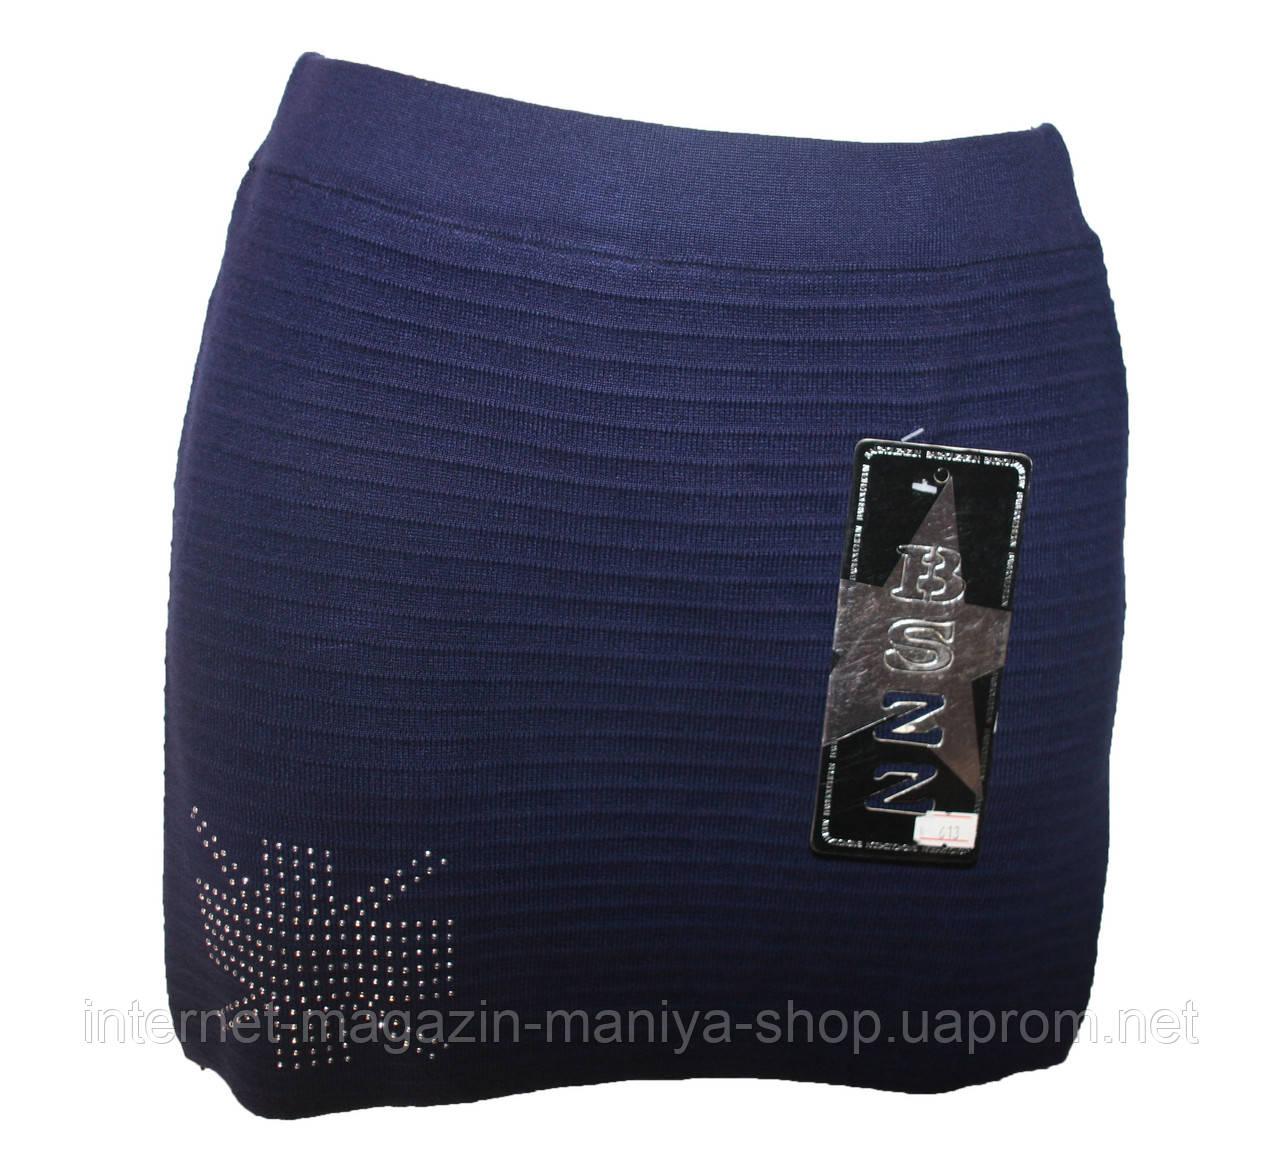 Женская юбка тканевая